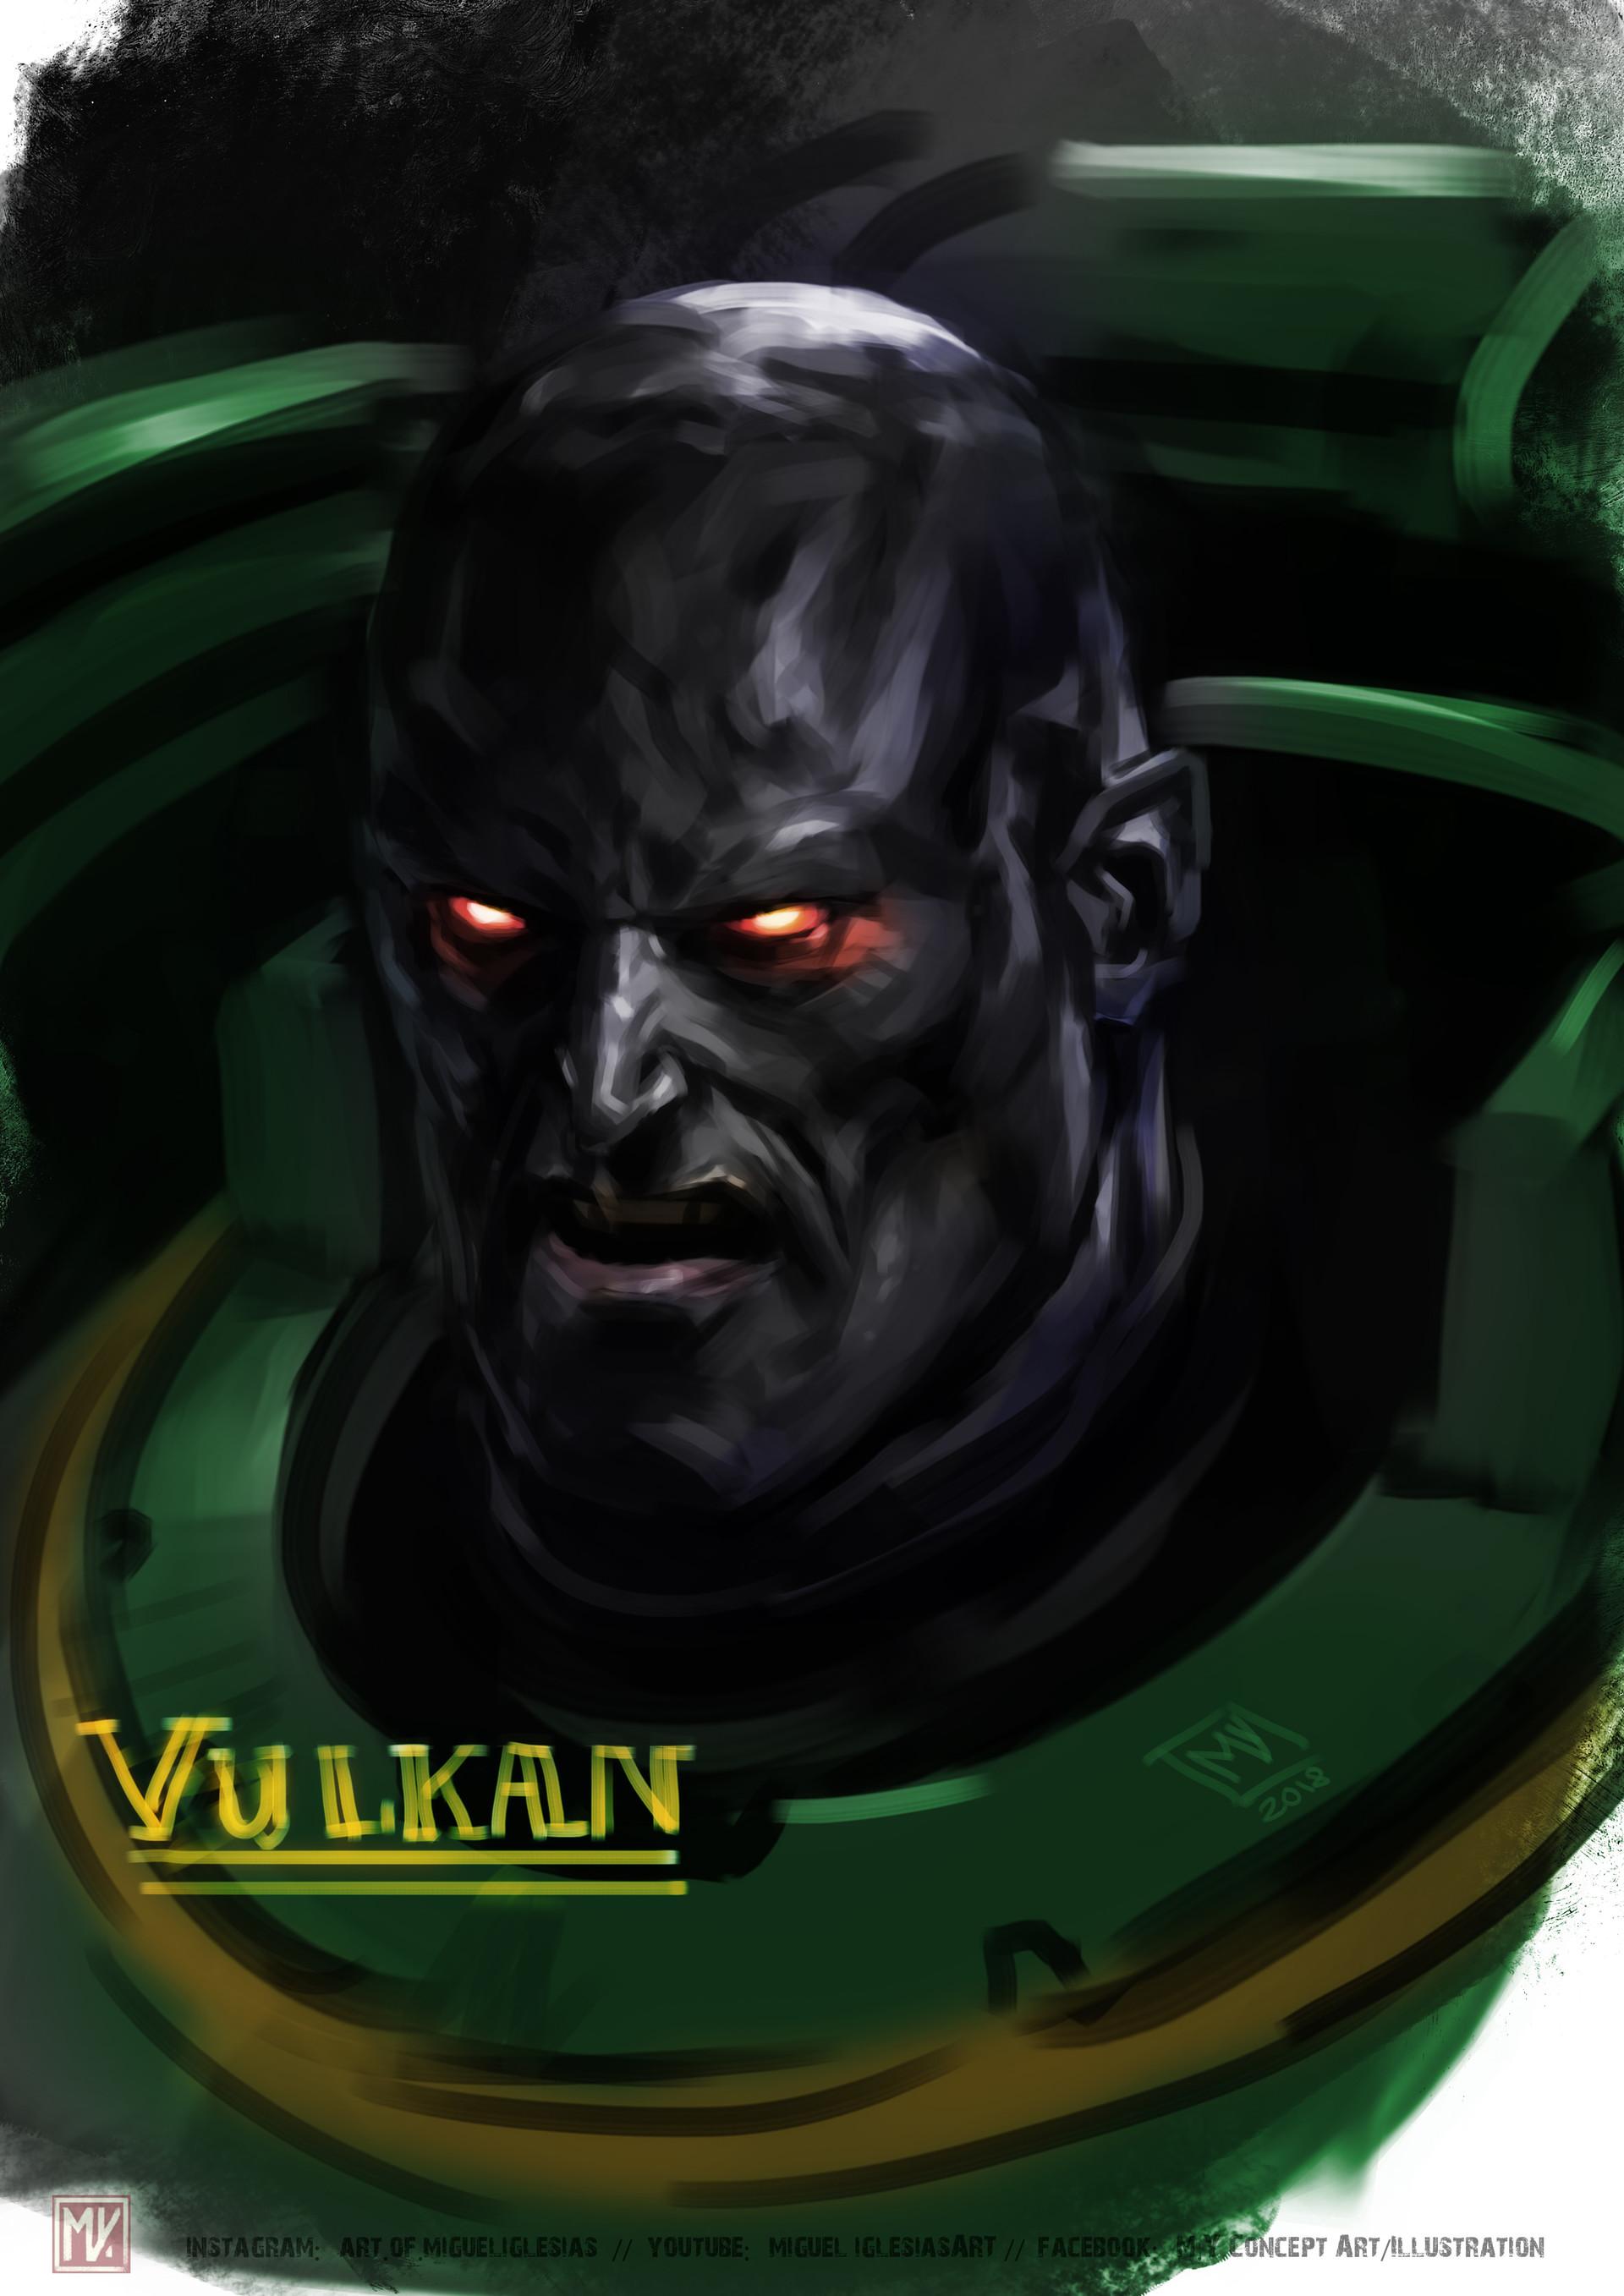 17 - 6Xn33Sq - Vulkan, Primarch of the Salamanders